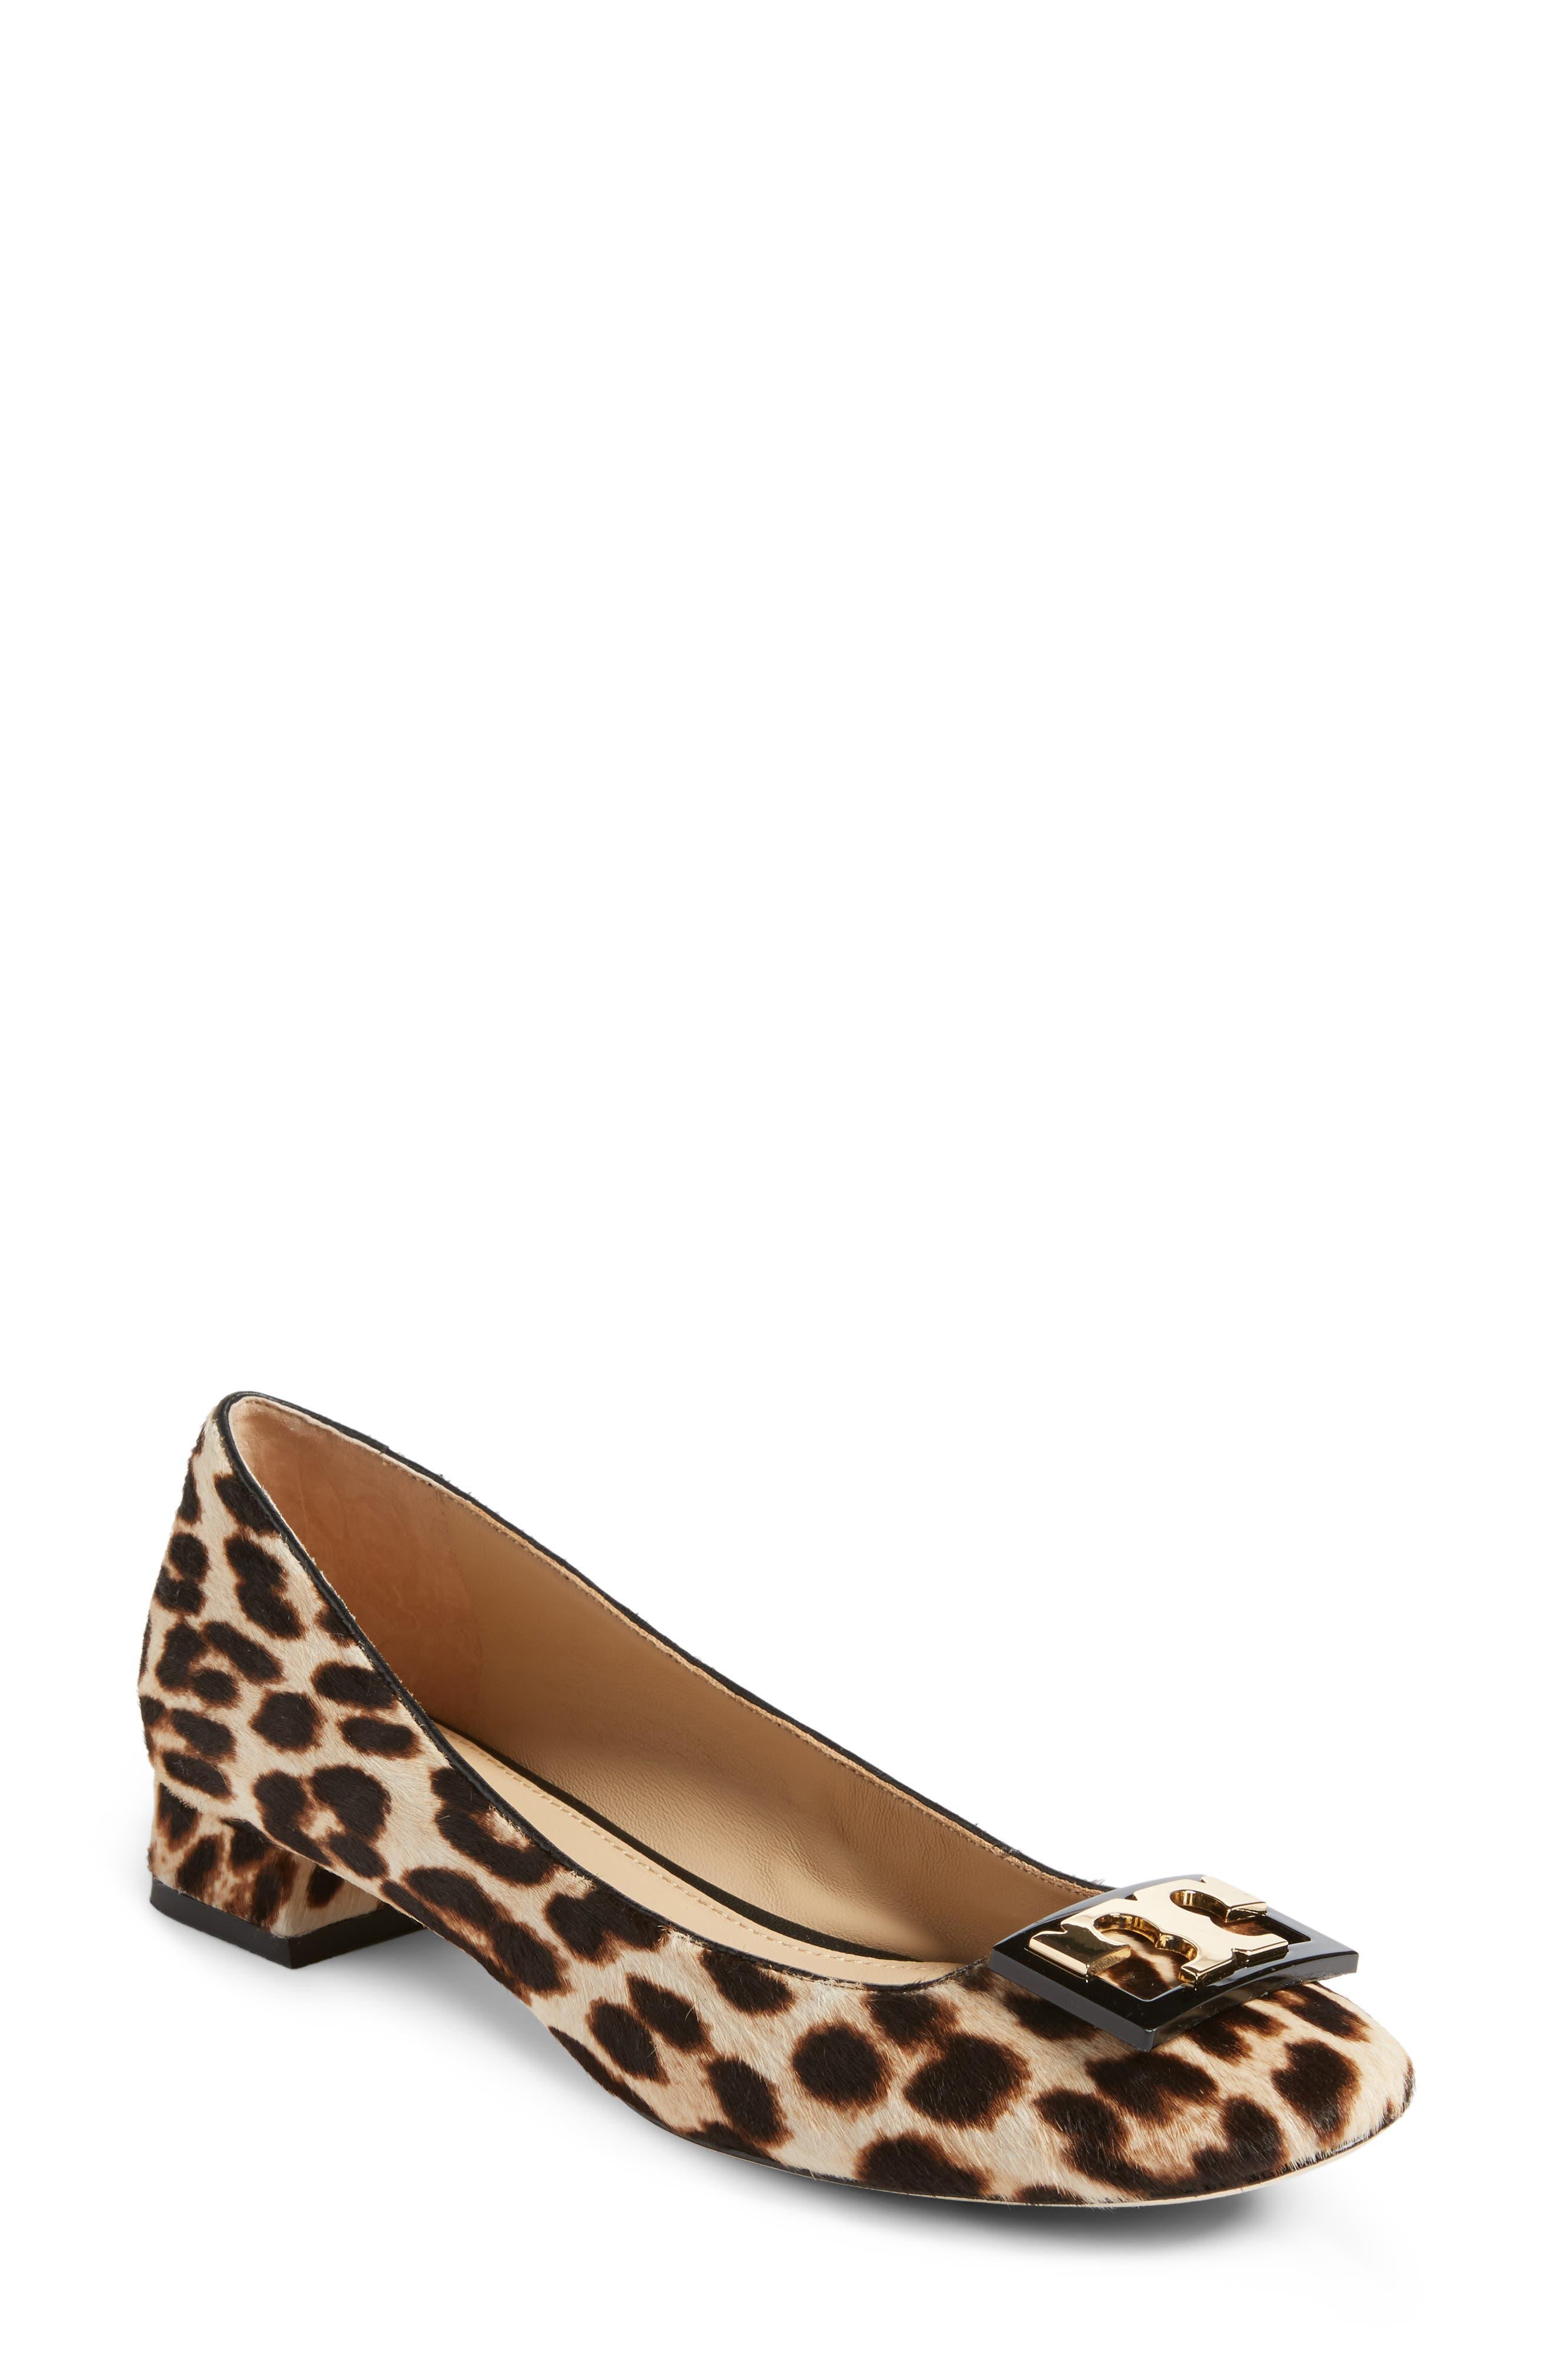 Gigi Block Heel Pump,                             Main thumbnail 1, color,                             Natural Leopard